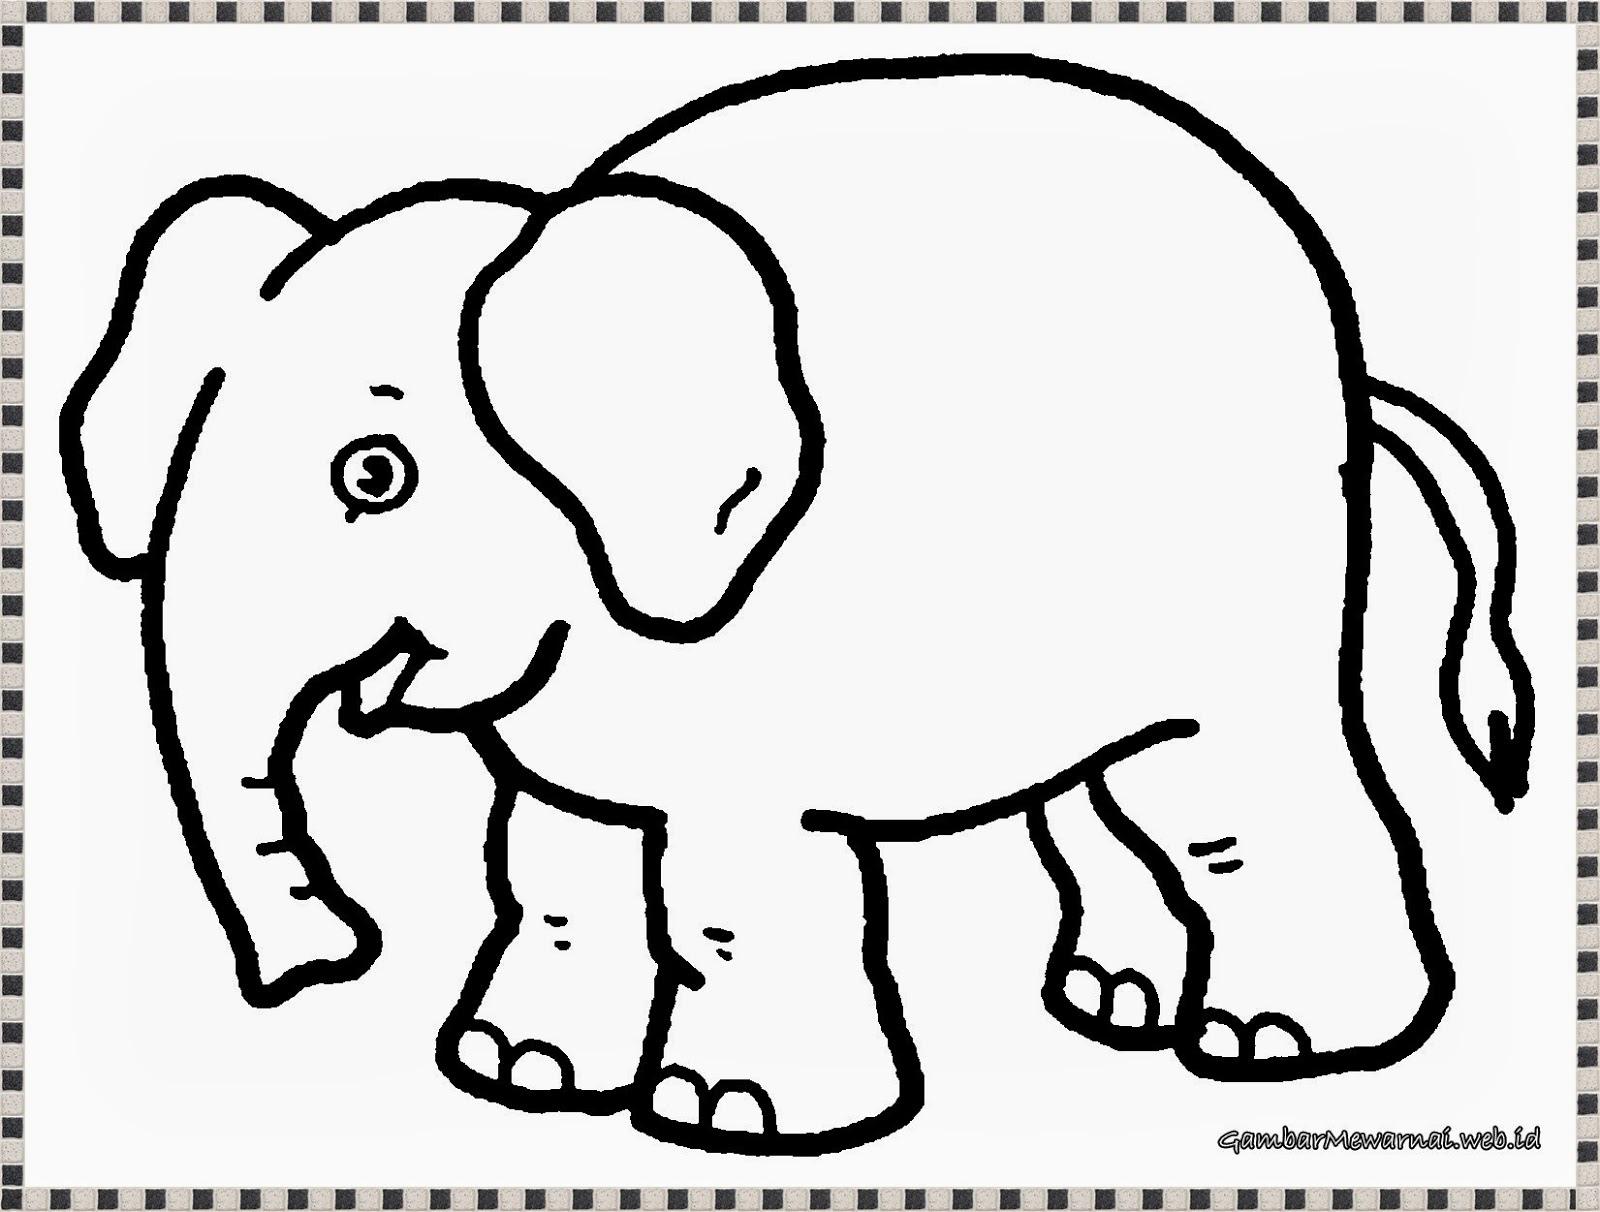 860+ Gambar Ilustrasi Binatang Yang Mudah Digambar Gratis Terbaik